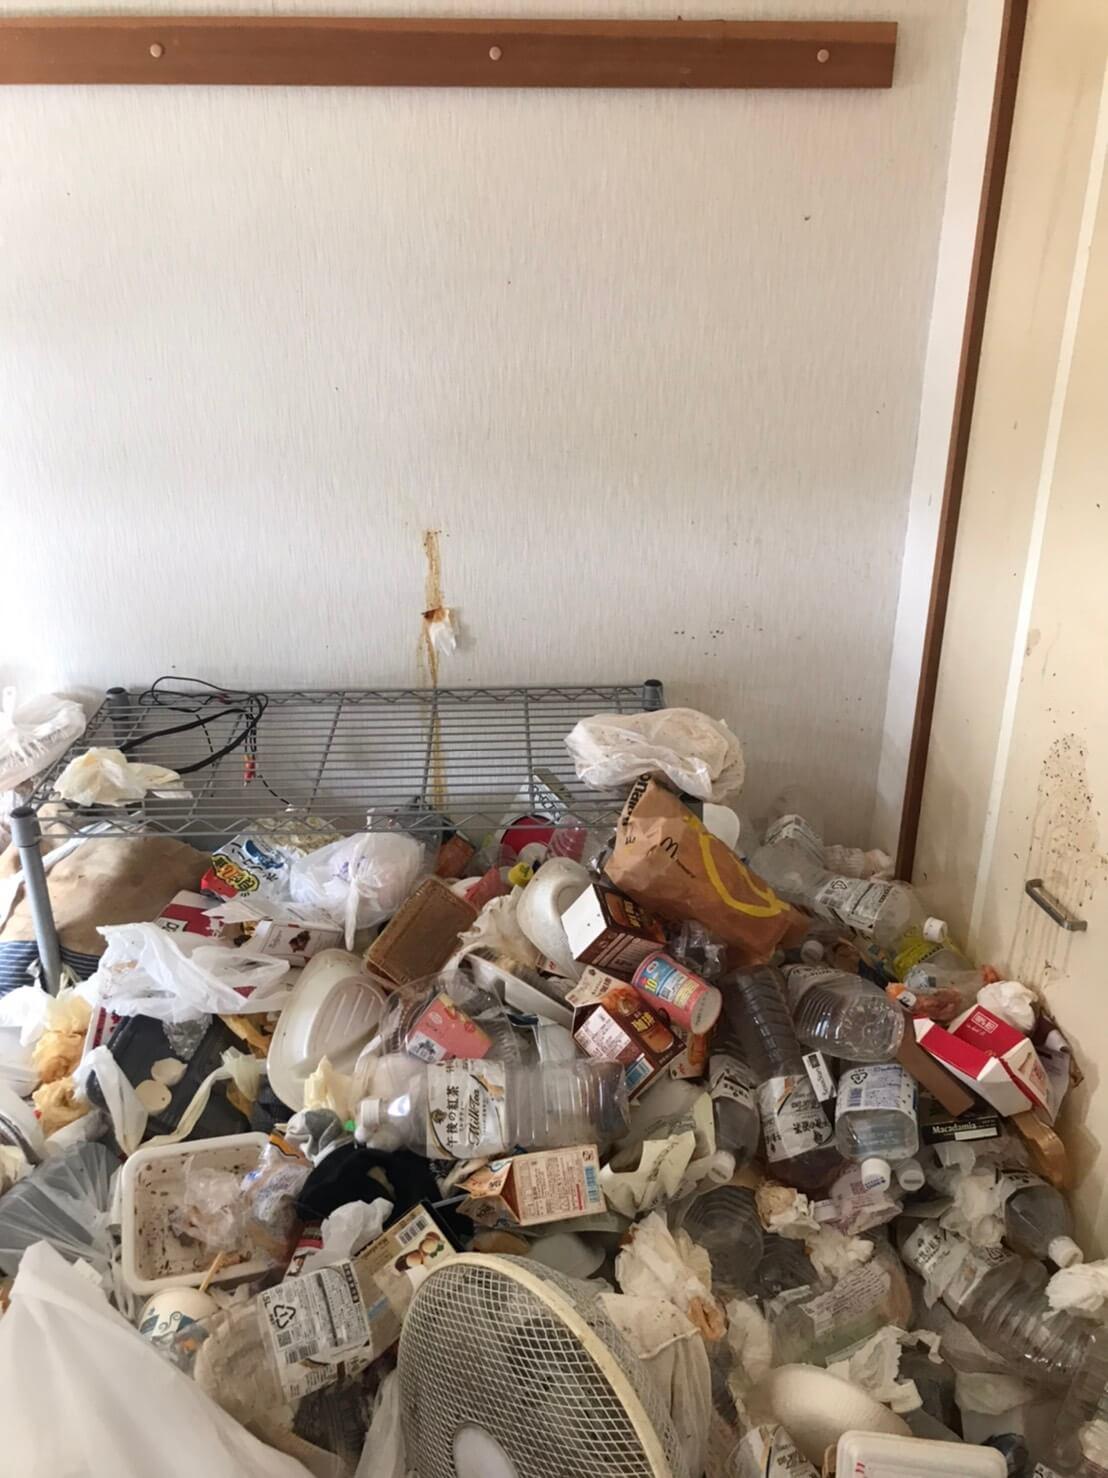 ゴミ屋敷回収前の写真